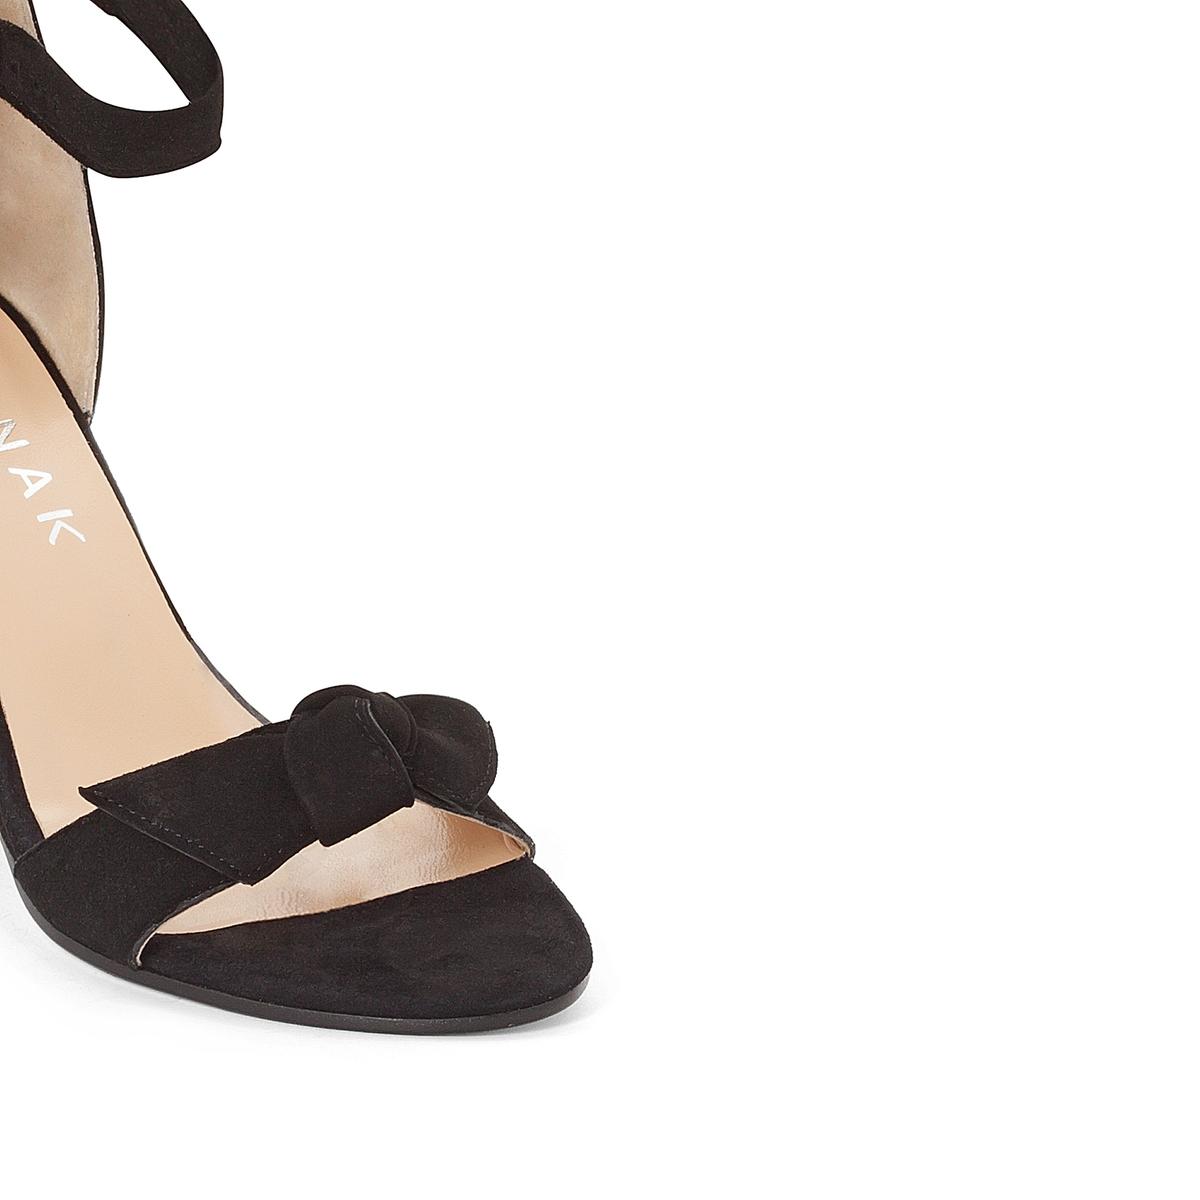 Босоножки кожаные DugnyВерх : кожа   Подкладка : кожа   Стелька : кожа   Подошва : эластомер   Высота каблука : 4 см   Форма каблука : танкетка   Мысок : открытый   Застежка : пряжка<br><br>Цвет: черный<br>Размер: 37